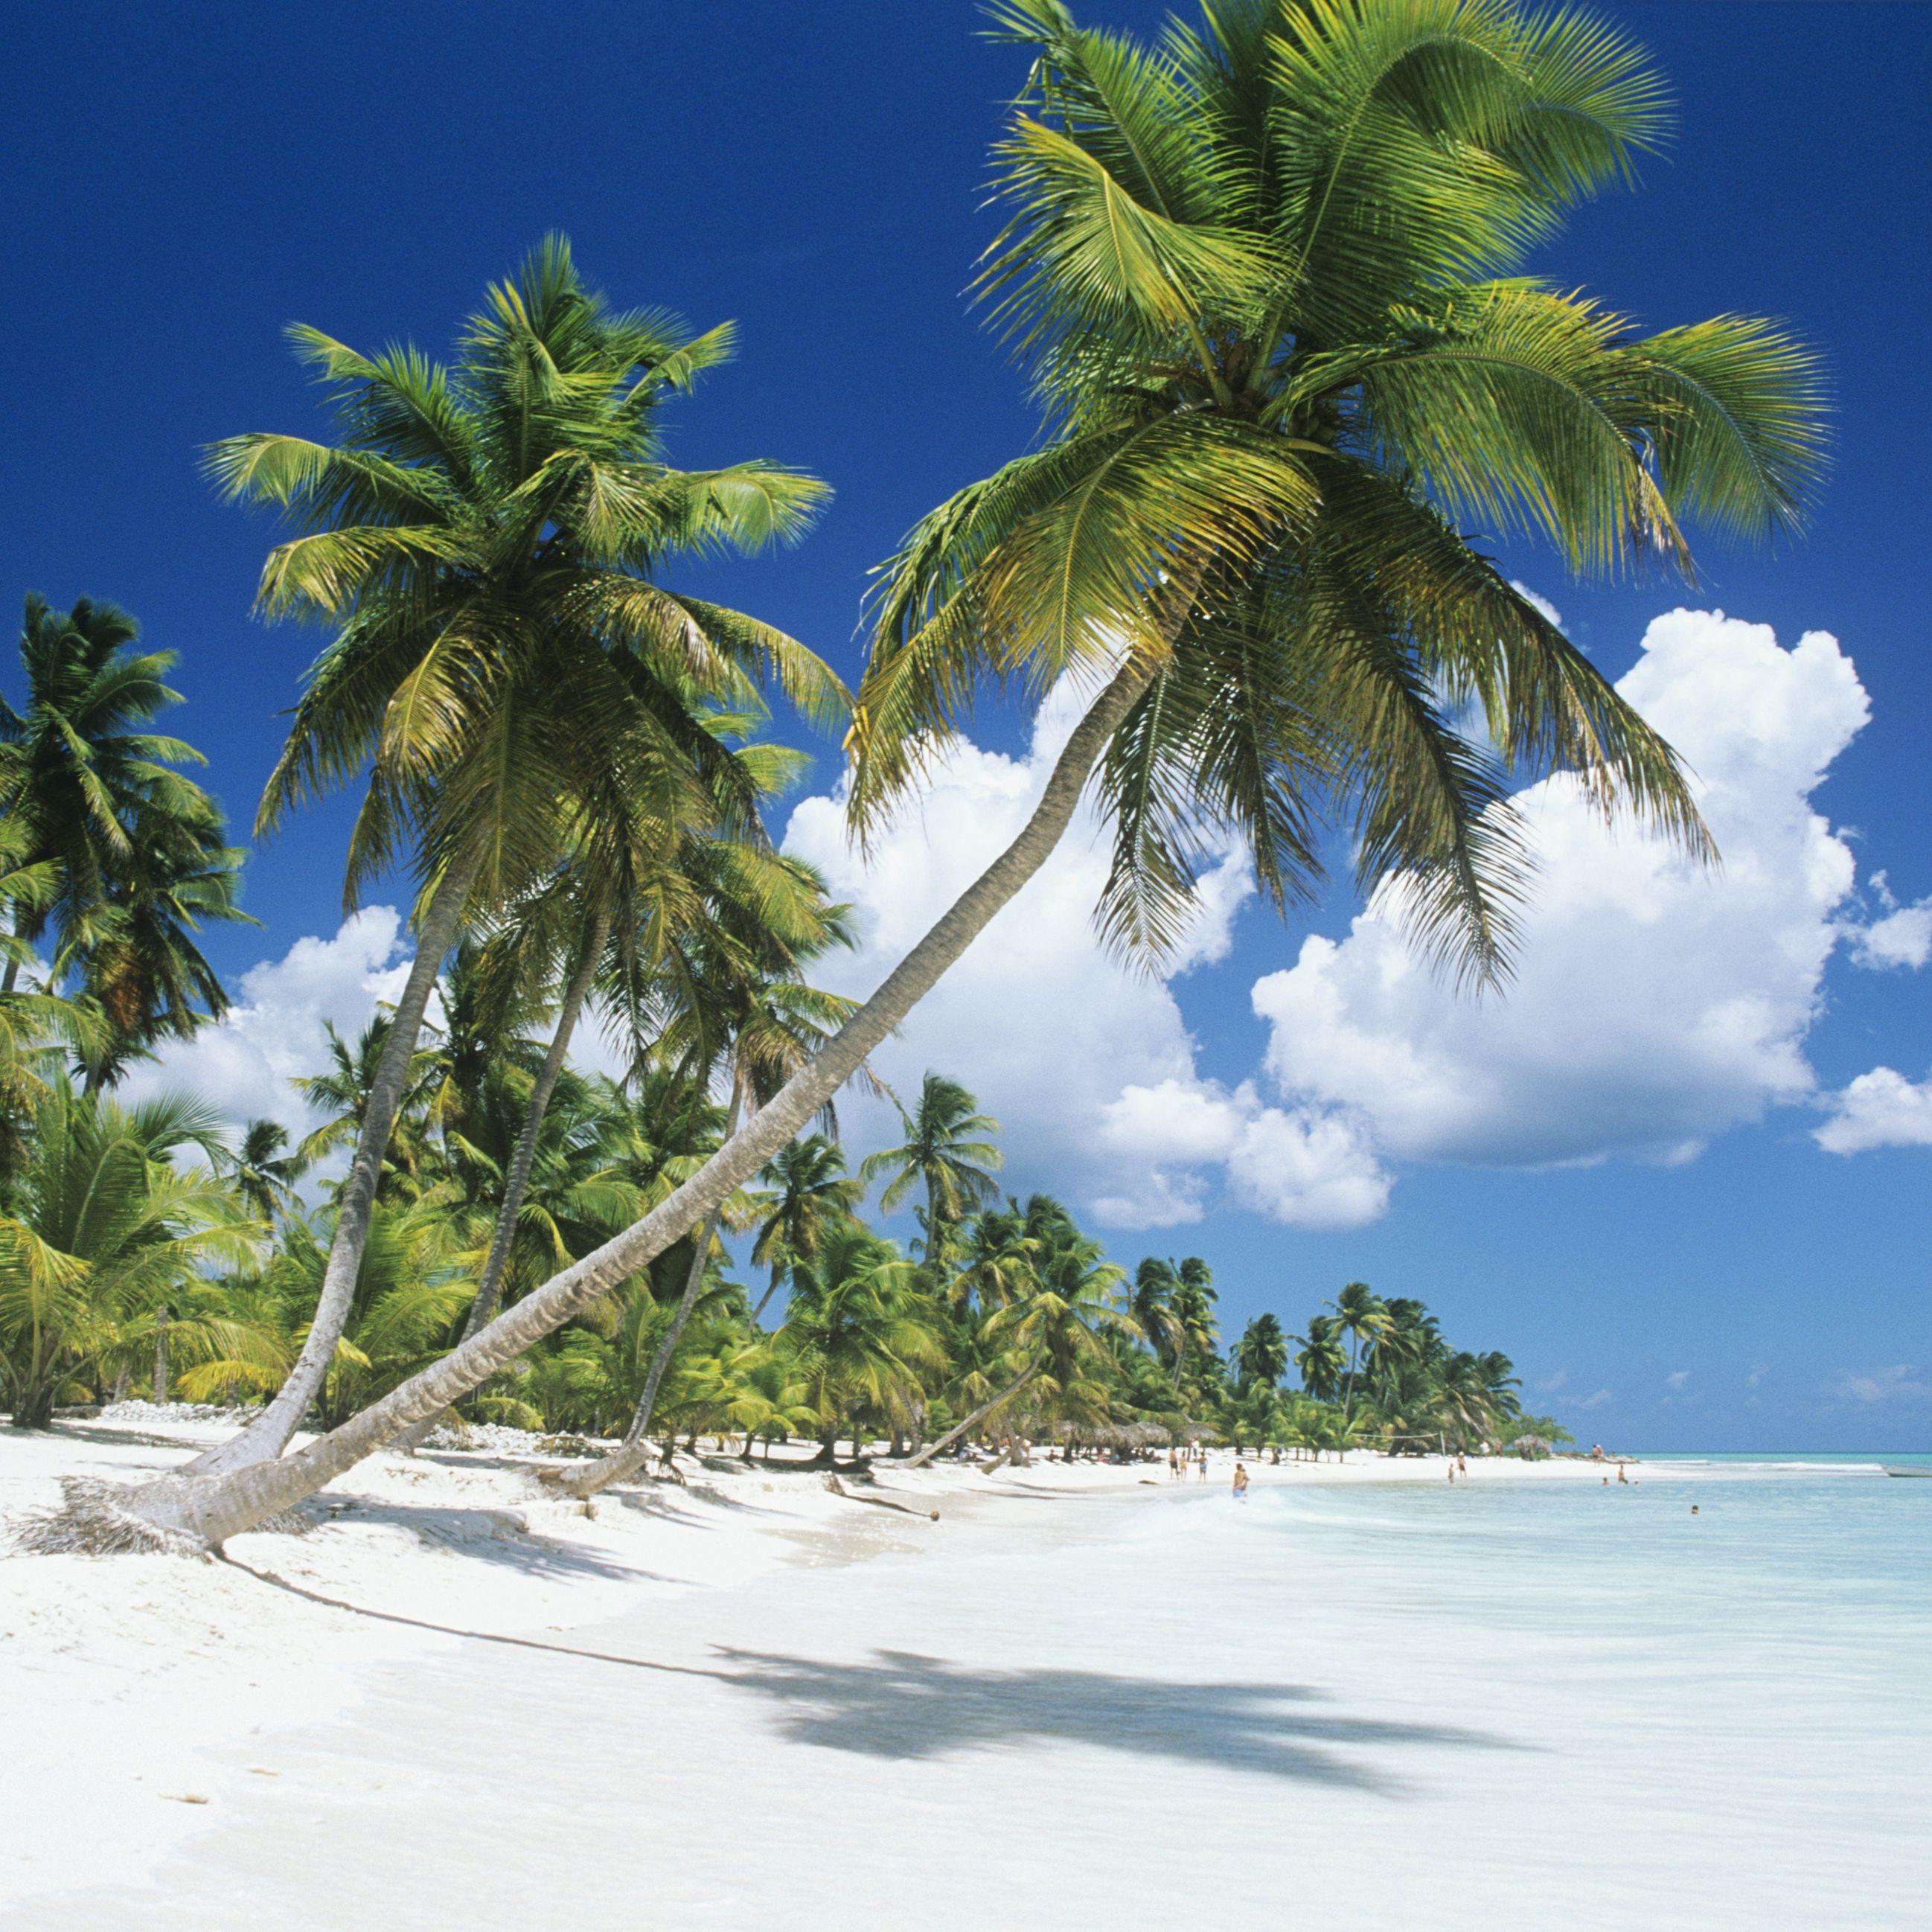 Vliegtickets: Brussel naar de Dominicaanse Republiek voor €276 @ Tui